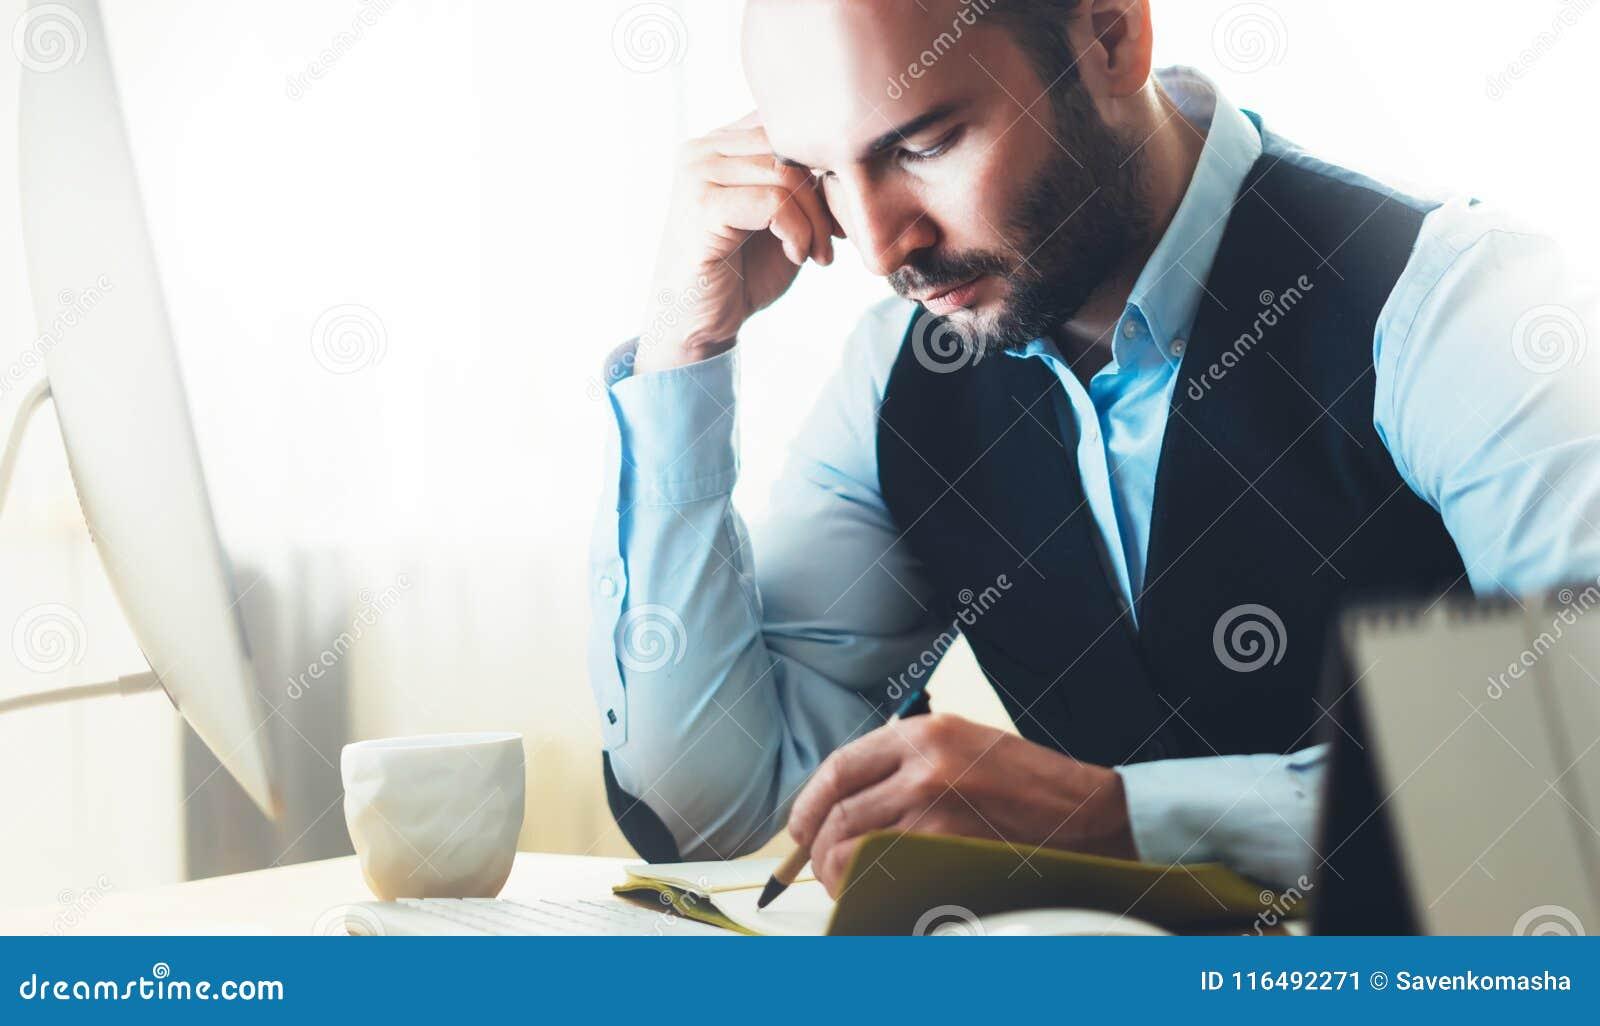 Brodaty młody biznesmen pracuje na nowożytnym biurze Konsultanta mężczyzna myśleć patrzeć w monitoru komputerze Kierownik pisze w